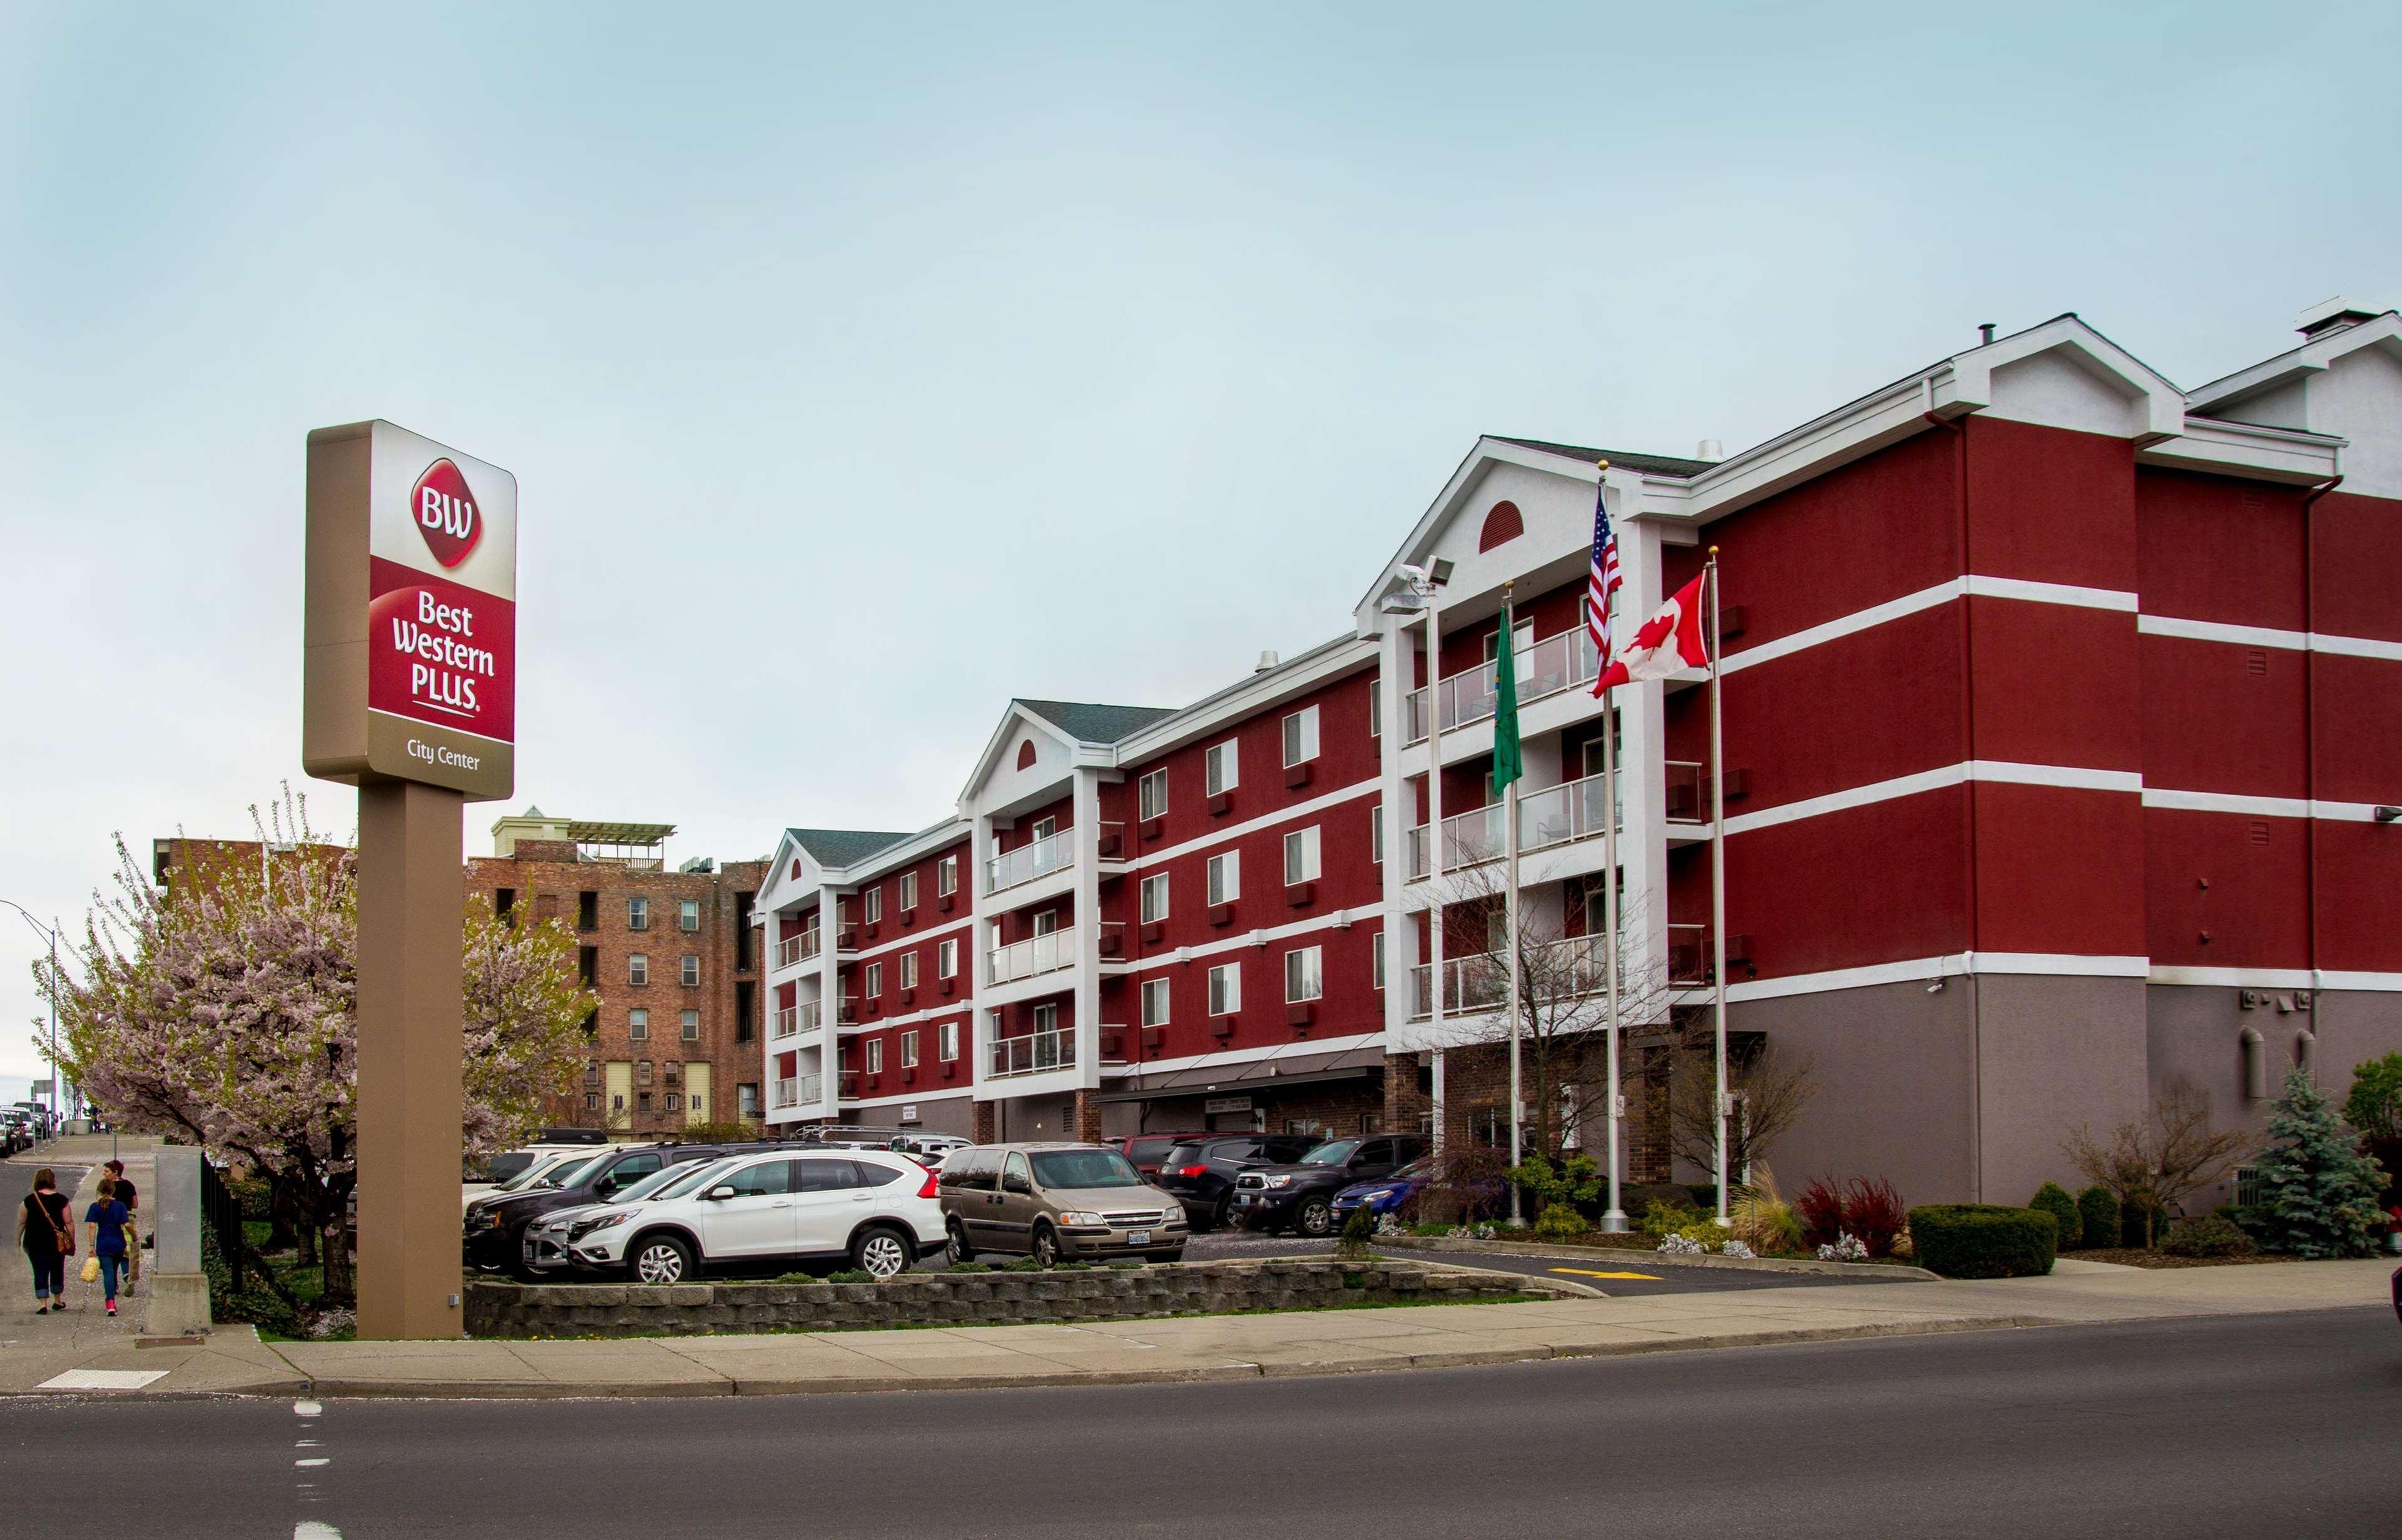 Cheap Motels In Spokane